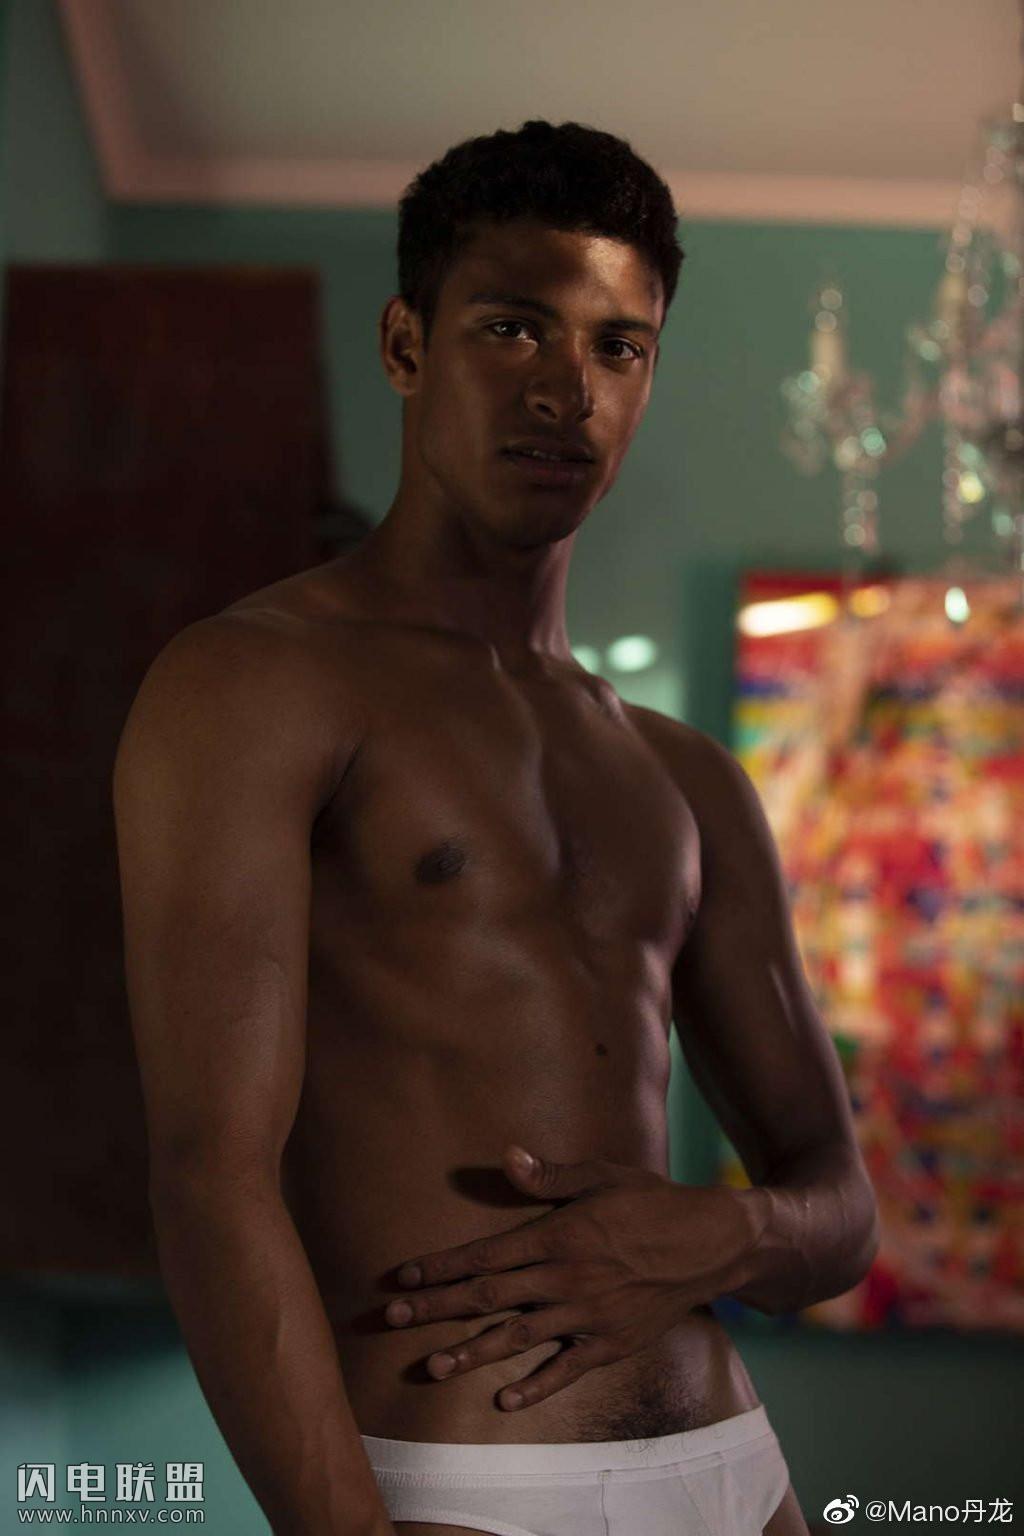 性感鲜肉巴基斯坦帅哥写真